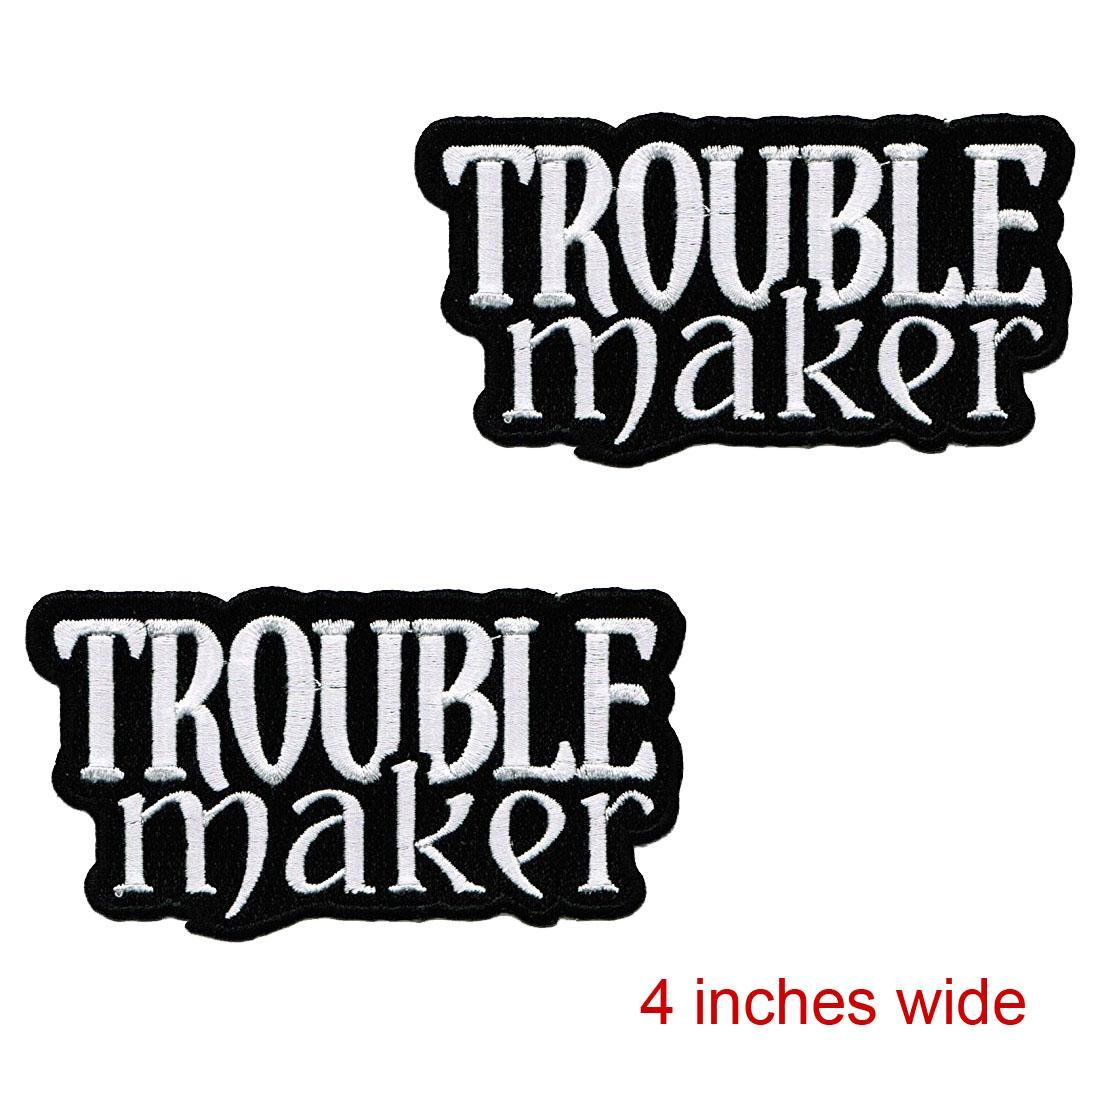 Personalizar El precio bajo barato con el parche del fabricante de problemas Bordado Rebelde Hierro-En Logotipo peligroso Envío gratuito